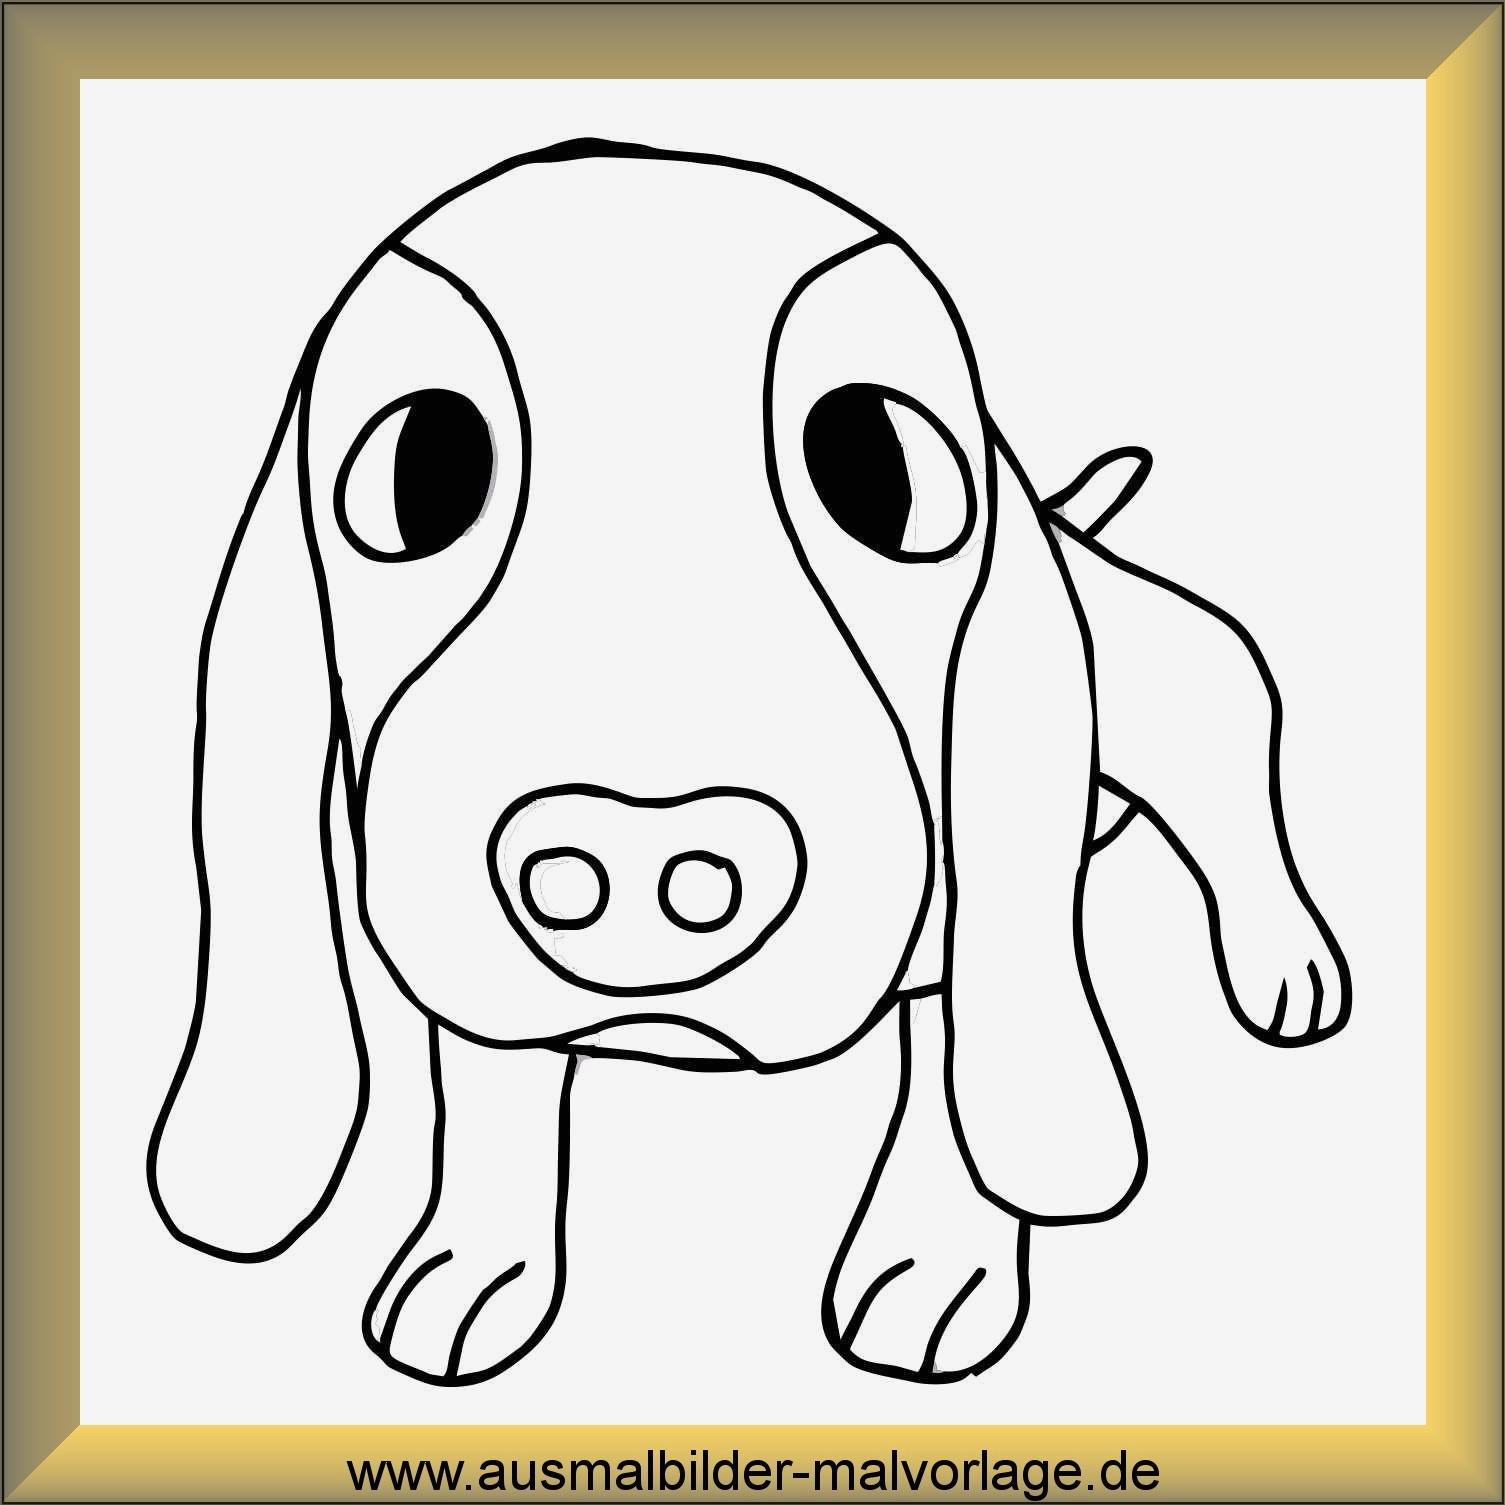 Ausmalbilder Hunde Und Katzen Neu Garten Tiere Wimmelbild … Dot to Dots Pinterest Schön Ausmalbilder Das Bild